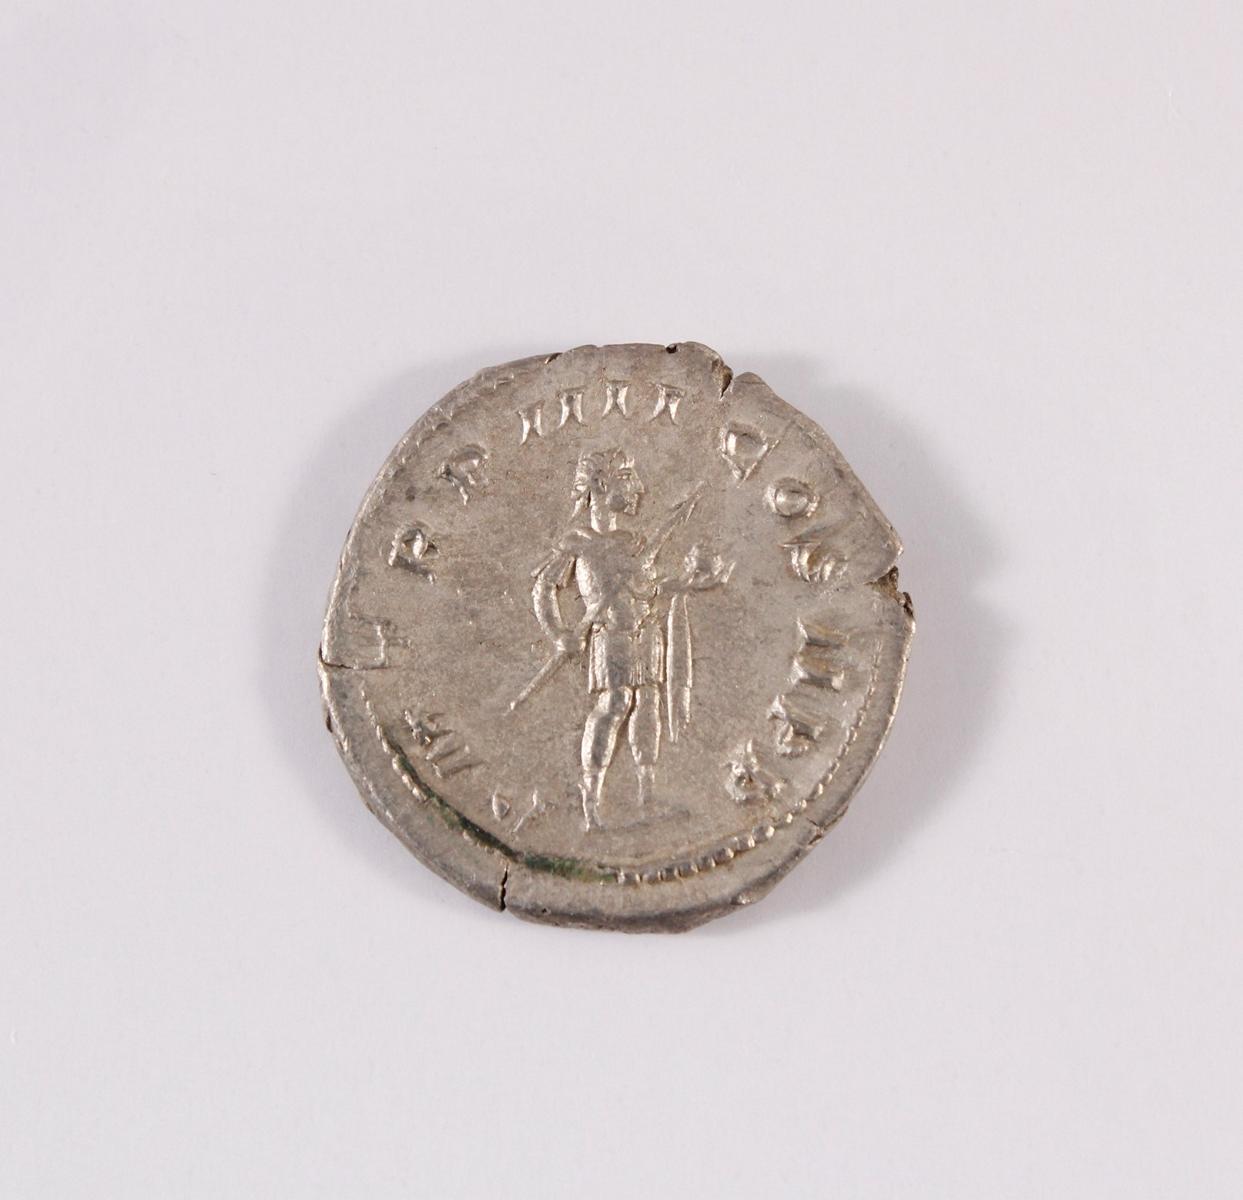 Gordian III, Antonian, Römischer Kaiser 238-244, Denar-2